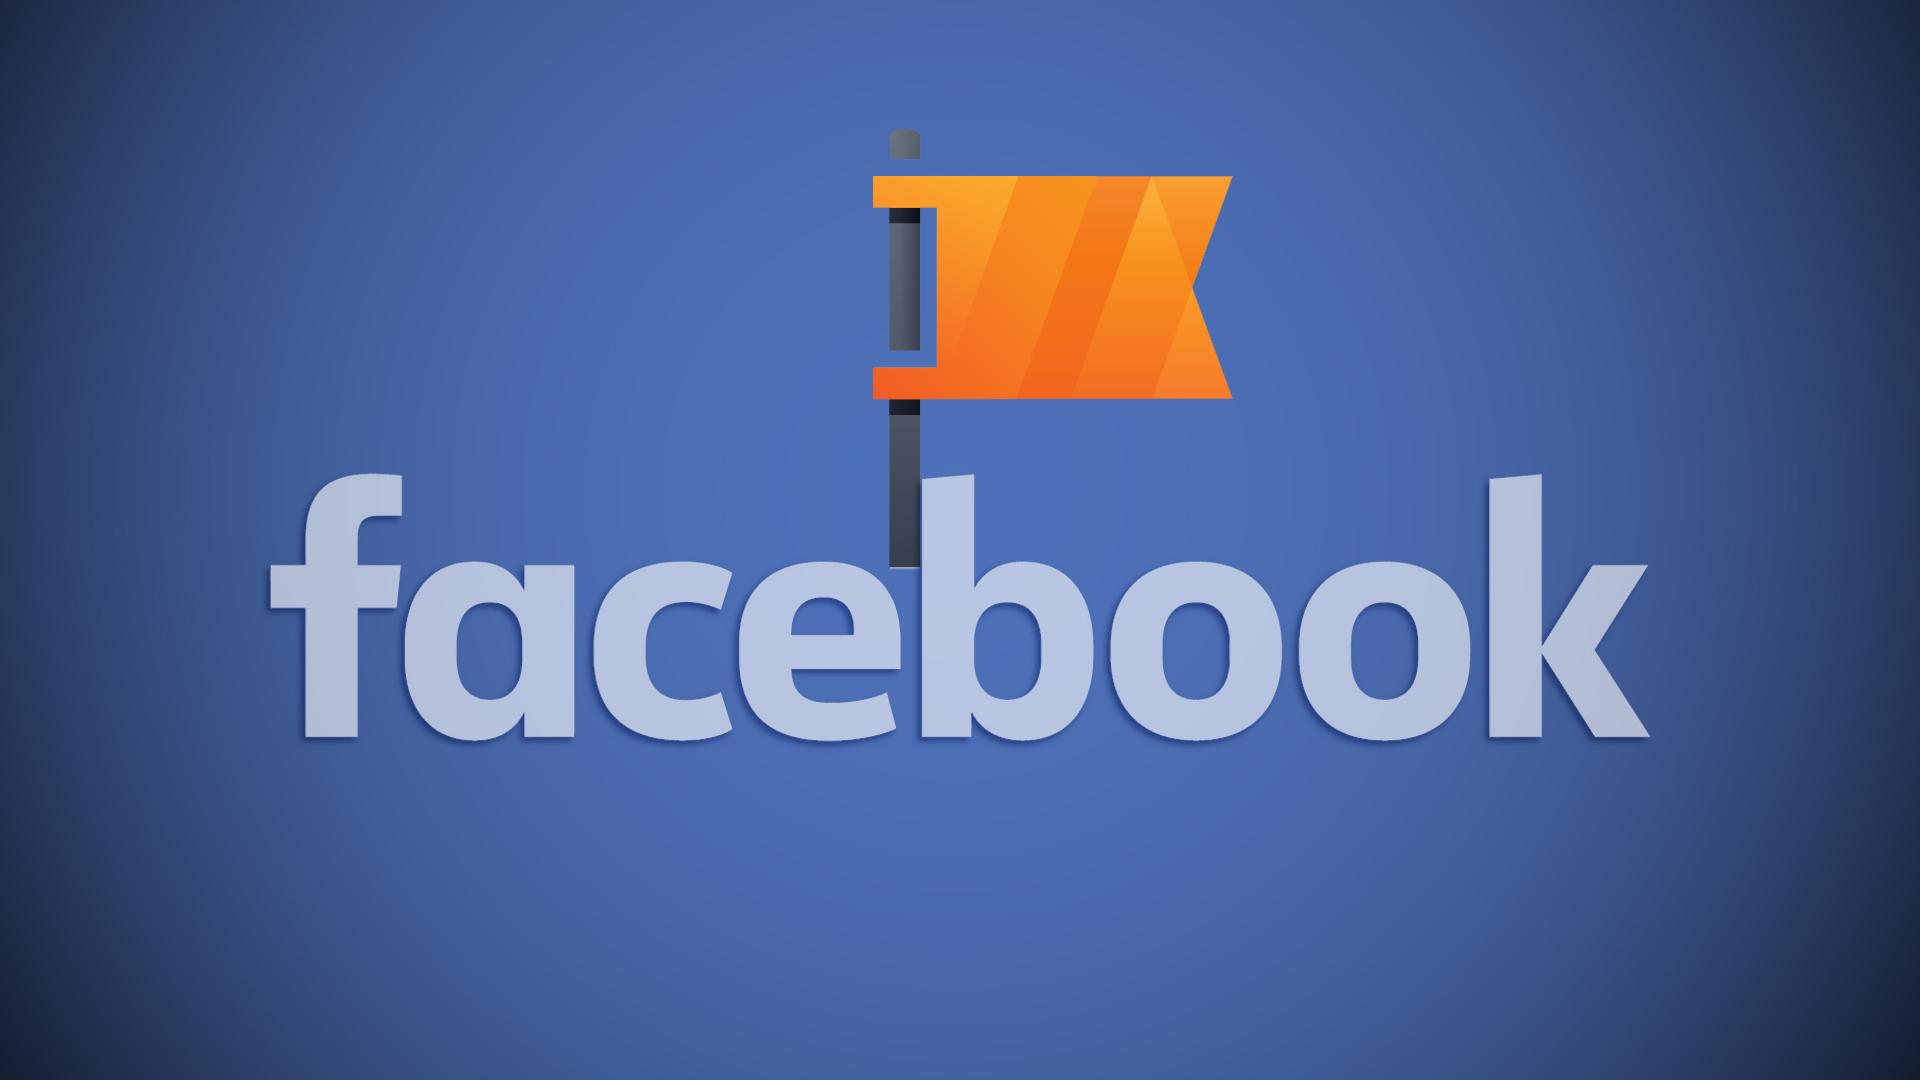 עמודי אוהדים בפייסבוק